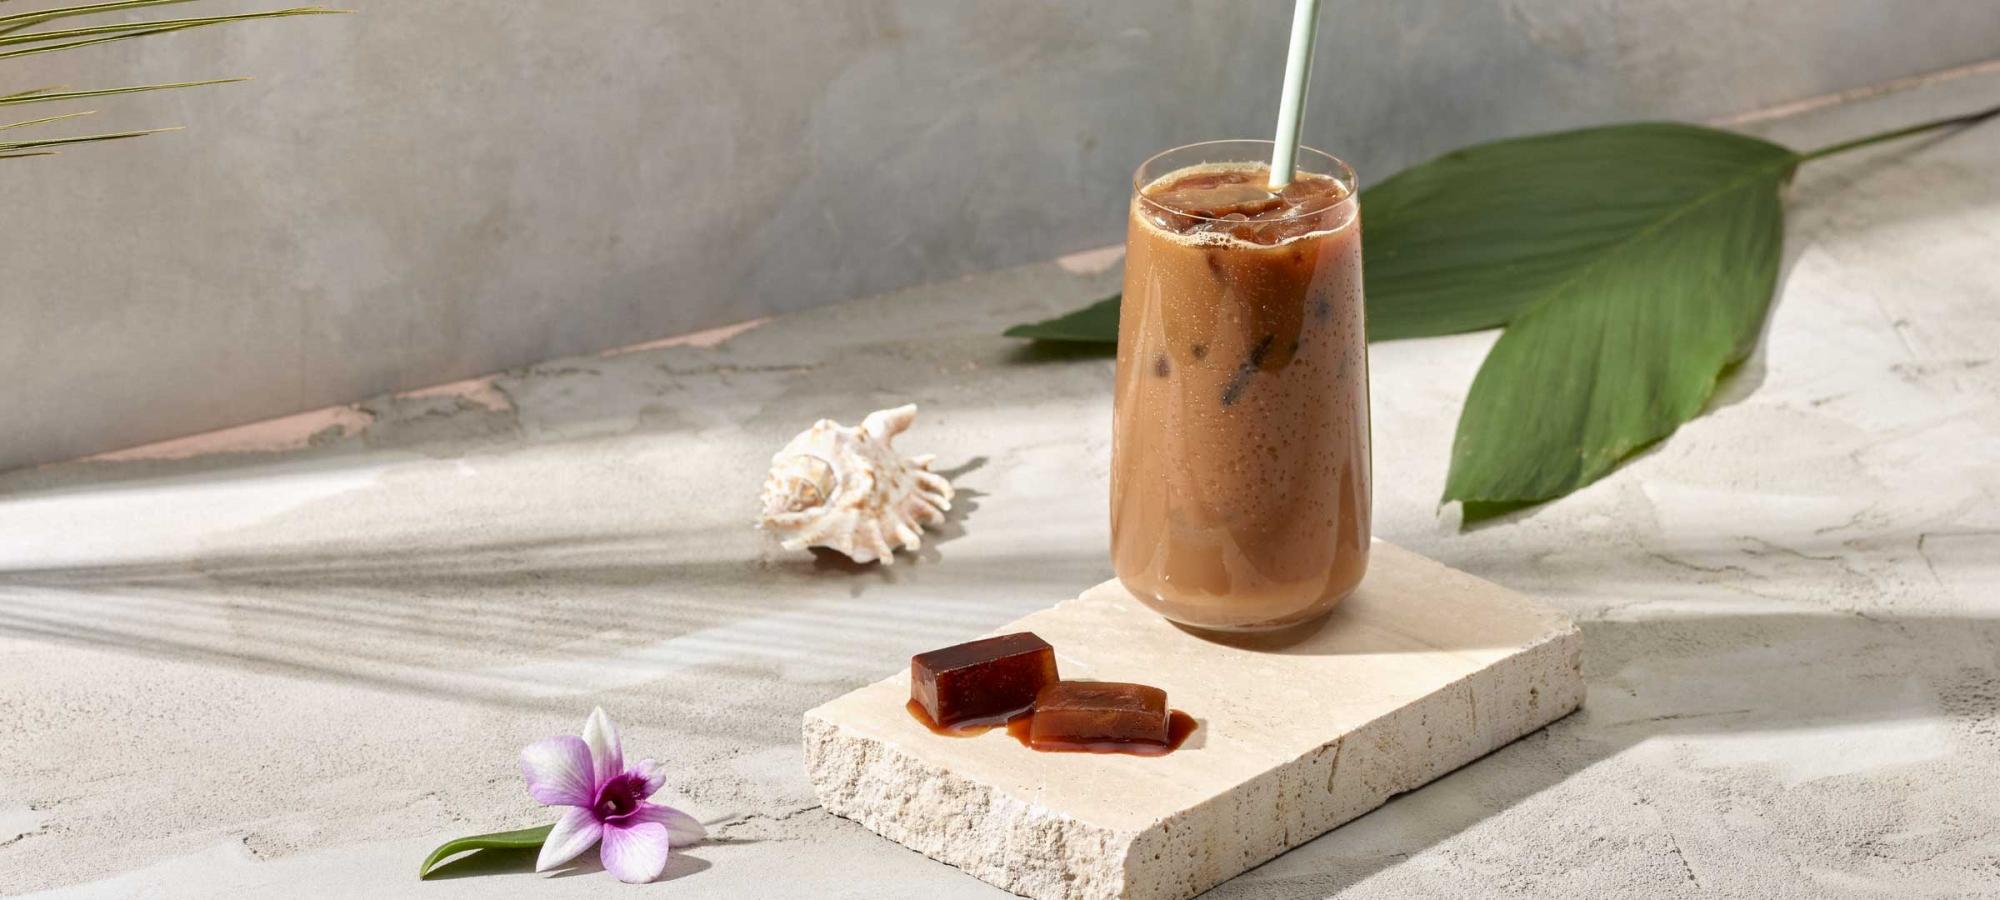 Café Singapore -kahvista valmistettu kahvijuoma pöydällä läpinäkyvässä lasissa.